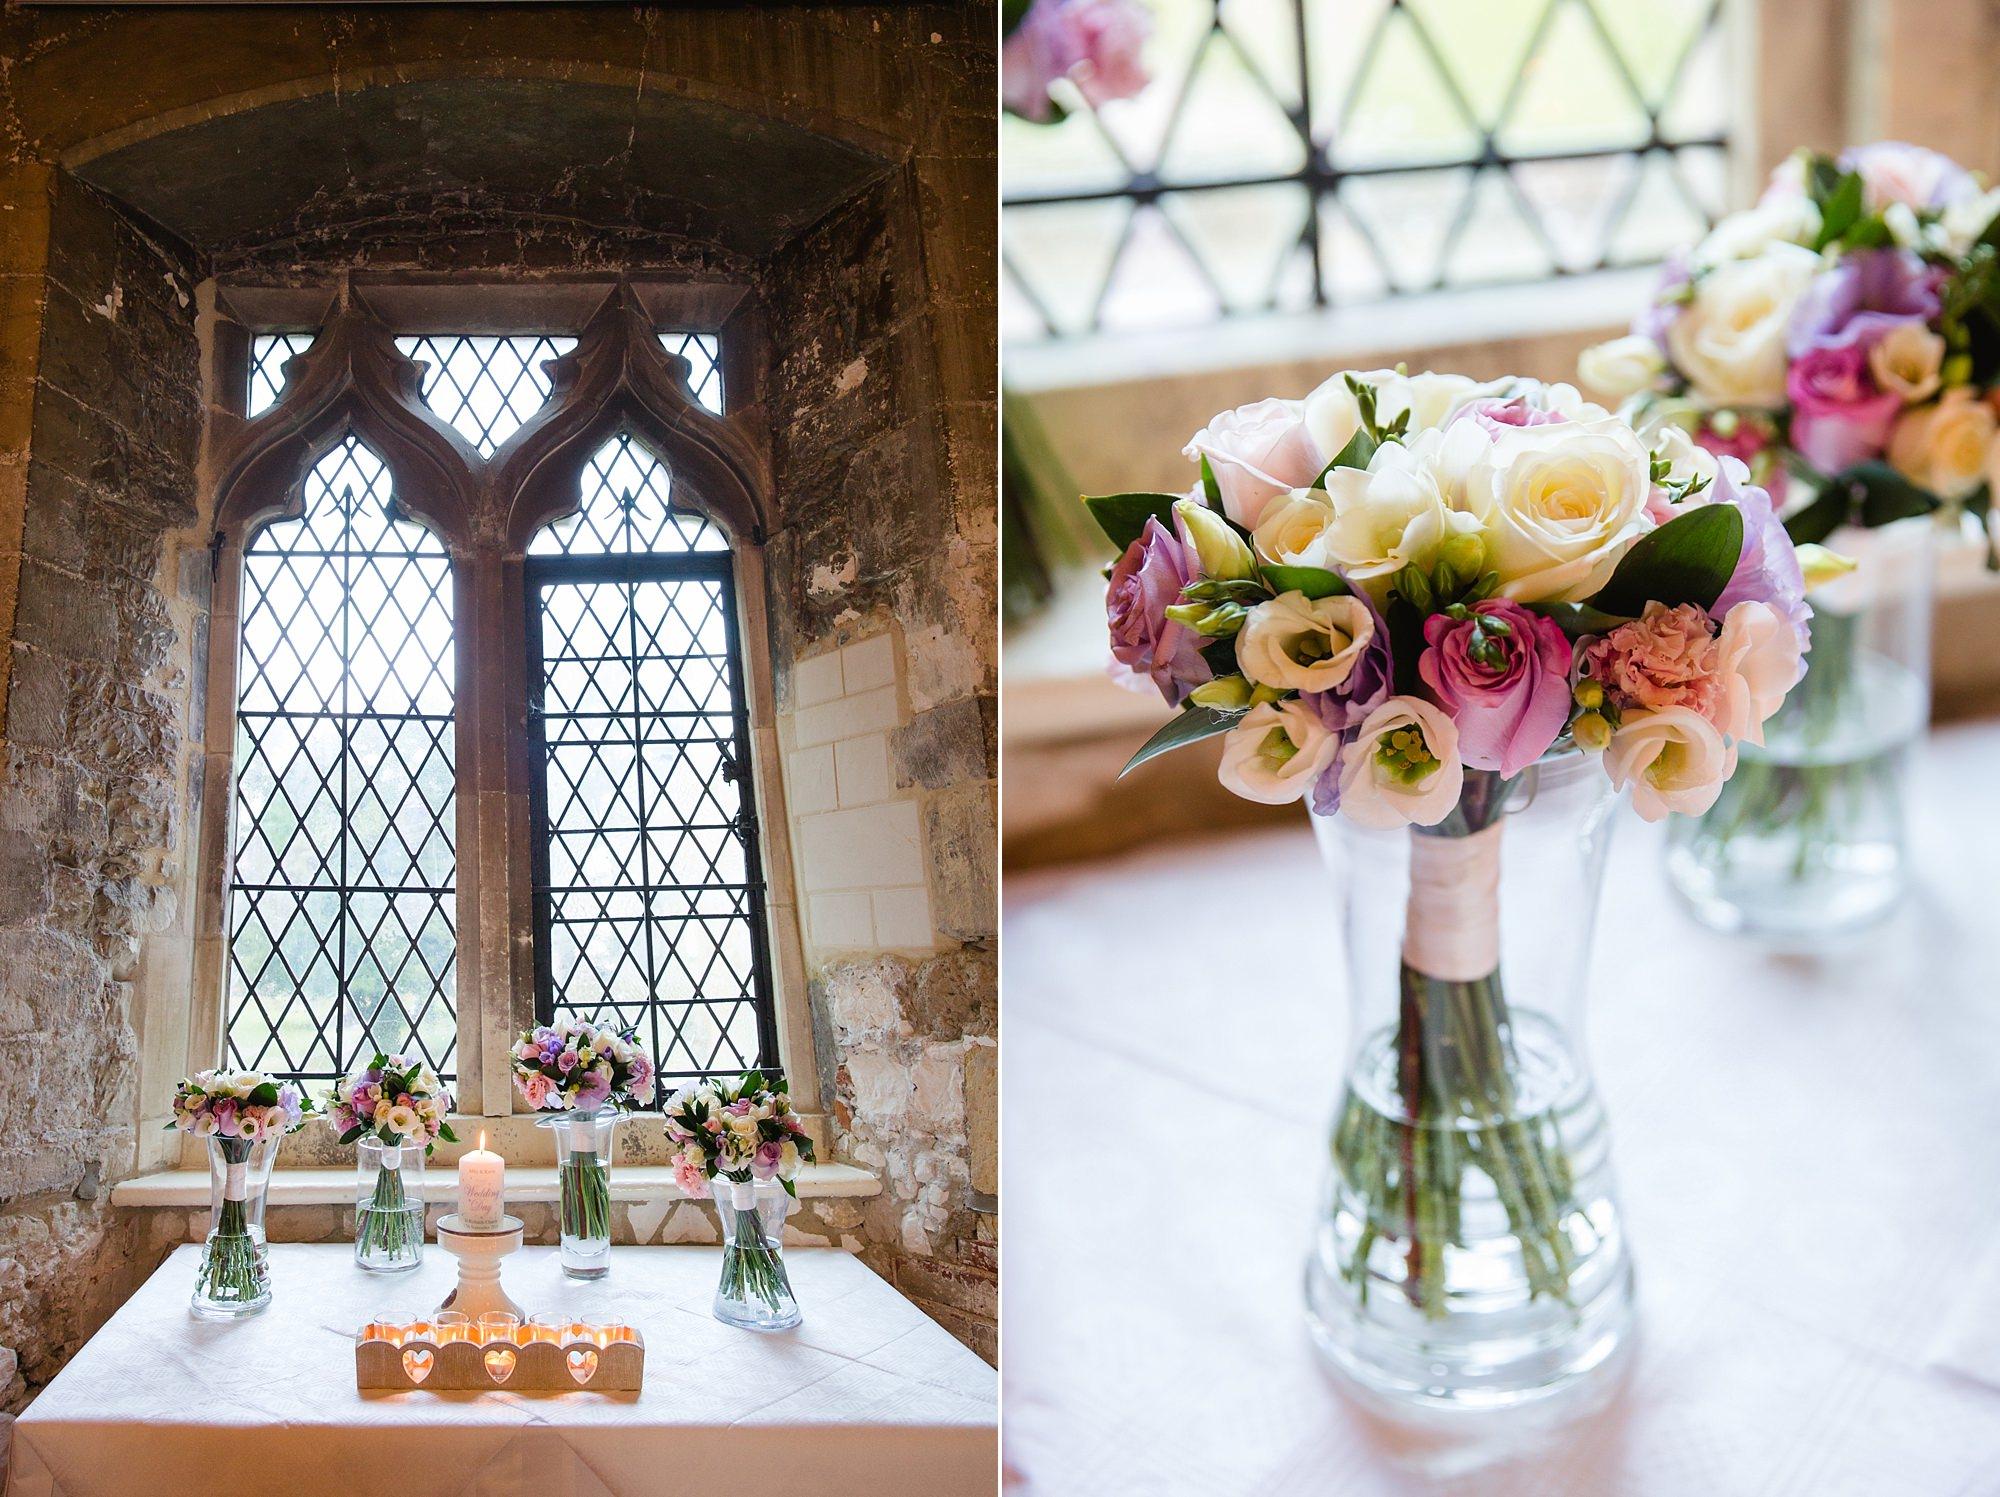 Canon Lane Chichester wedding bridal bouquet in window